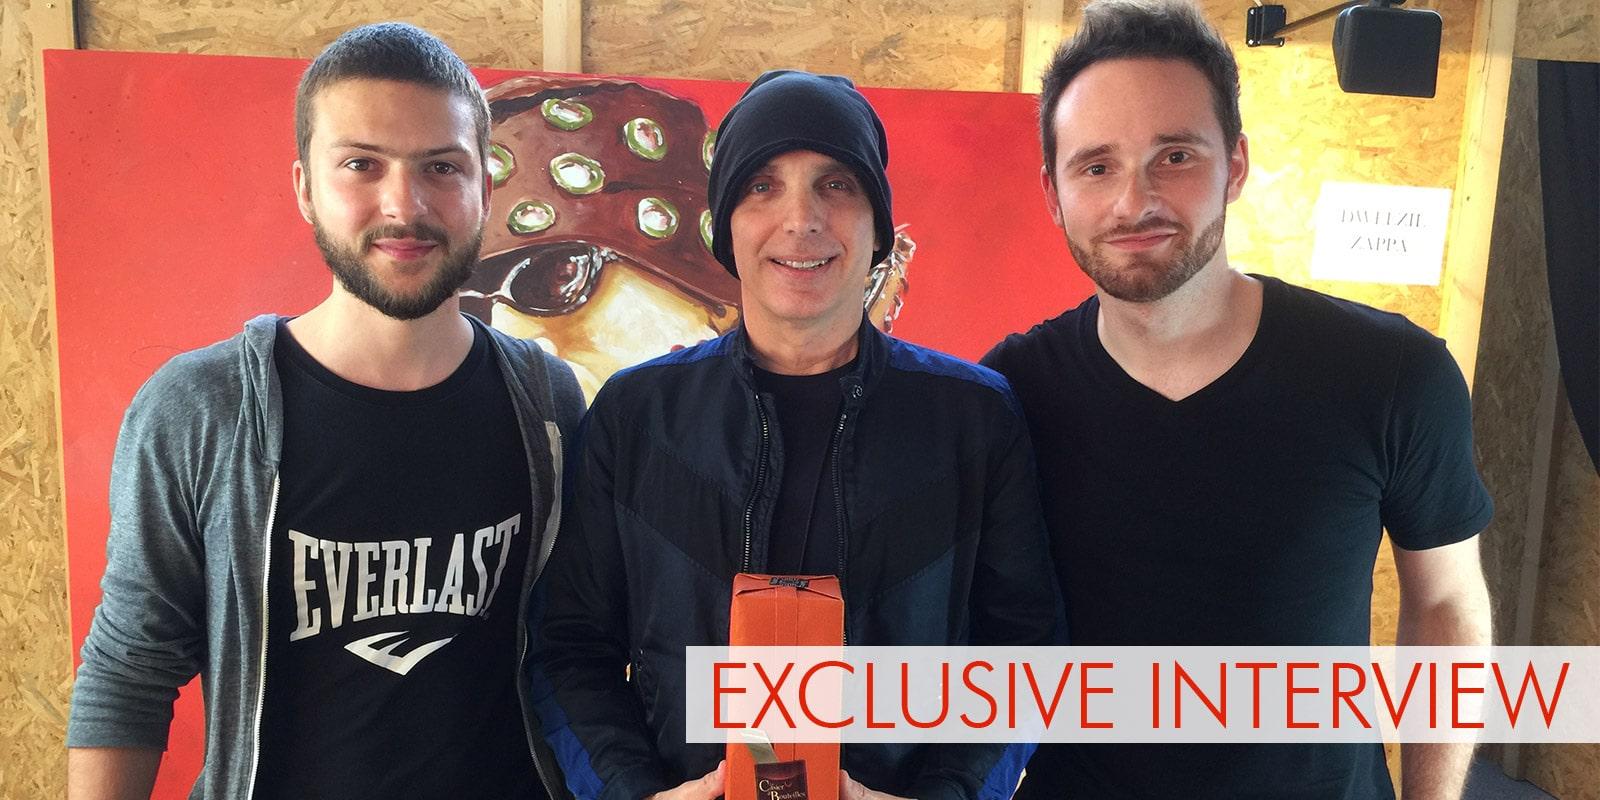 joe satriani interview 60th birthday guitare en scene 2016